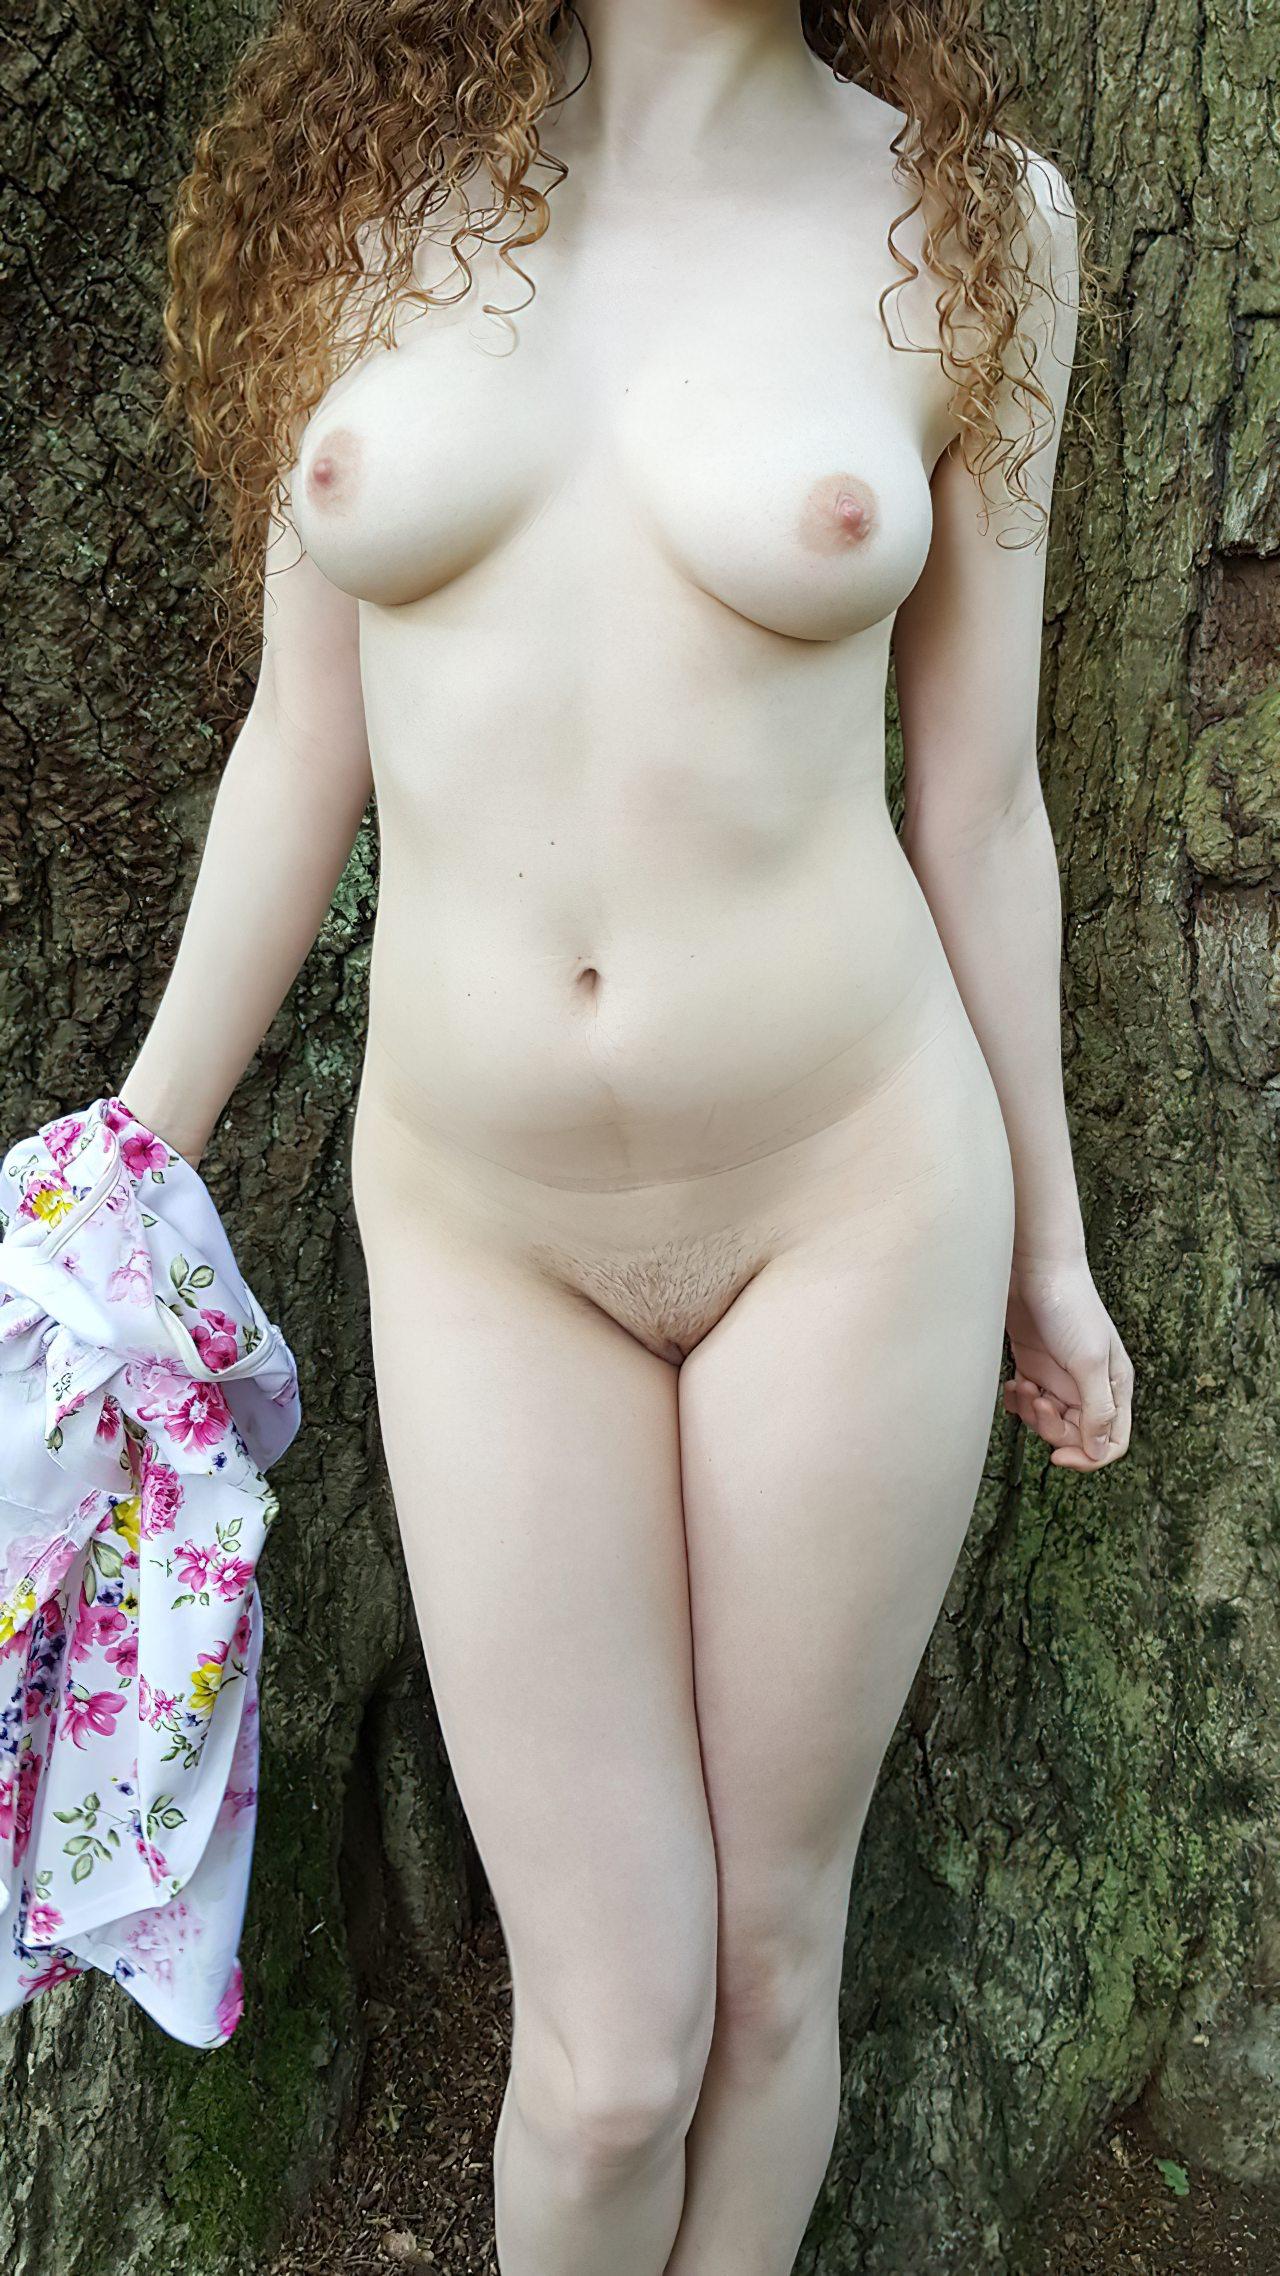 Mulheres Gostosas Nuas (10)